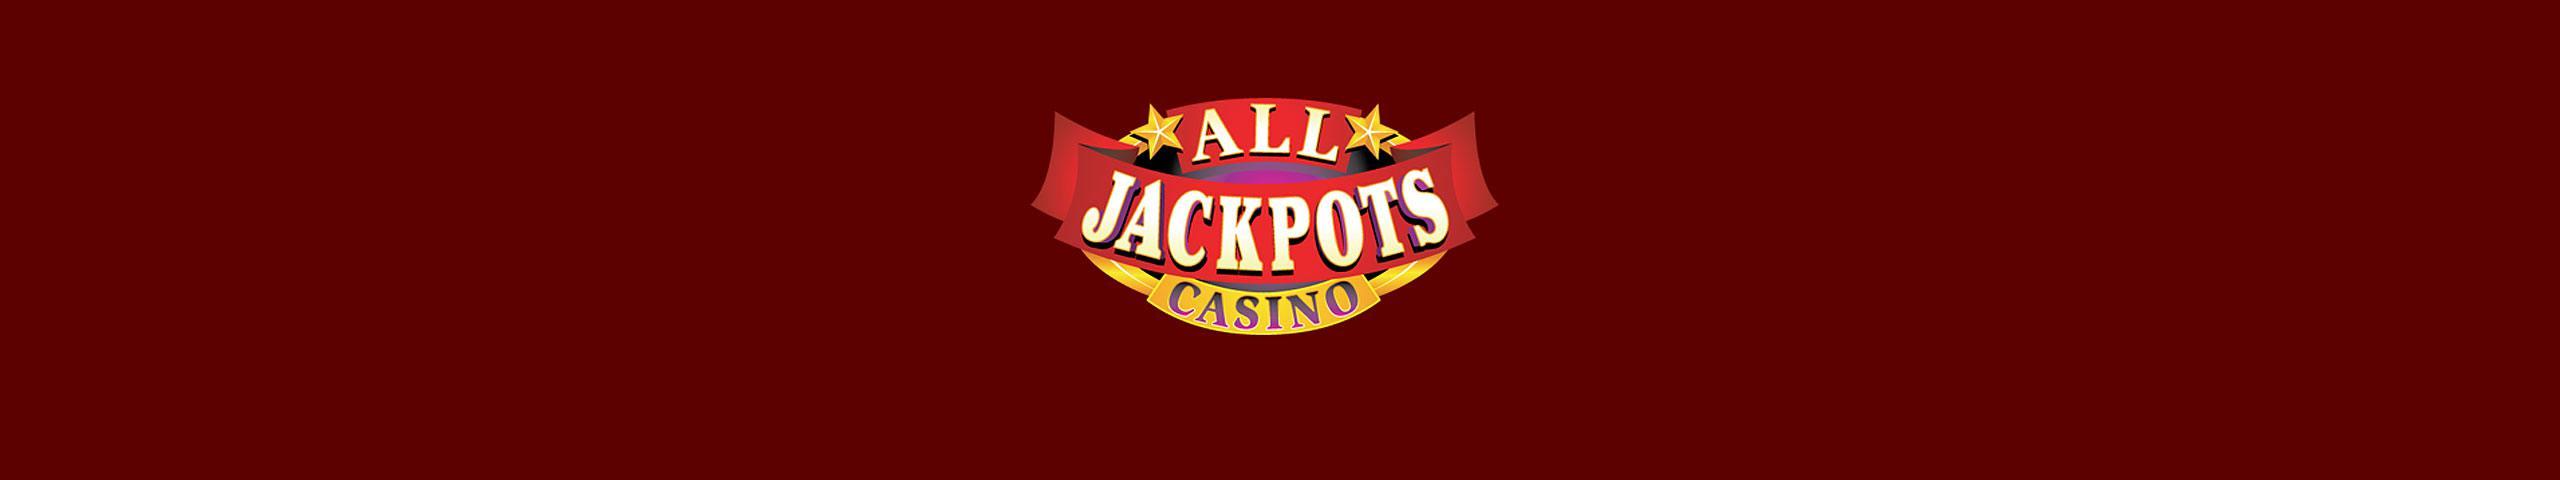 All Jackpots online casino slider wyrmspel